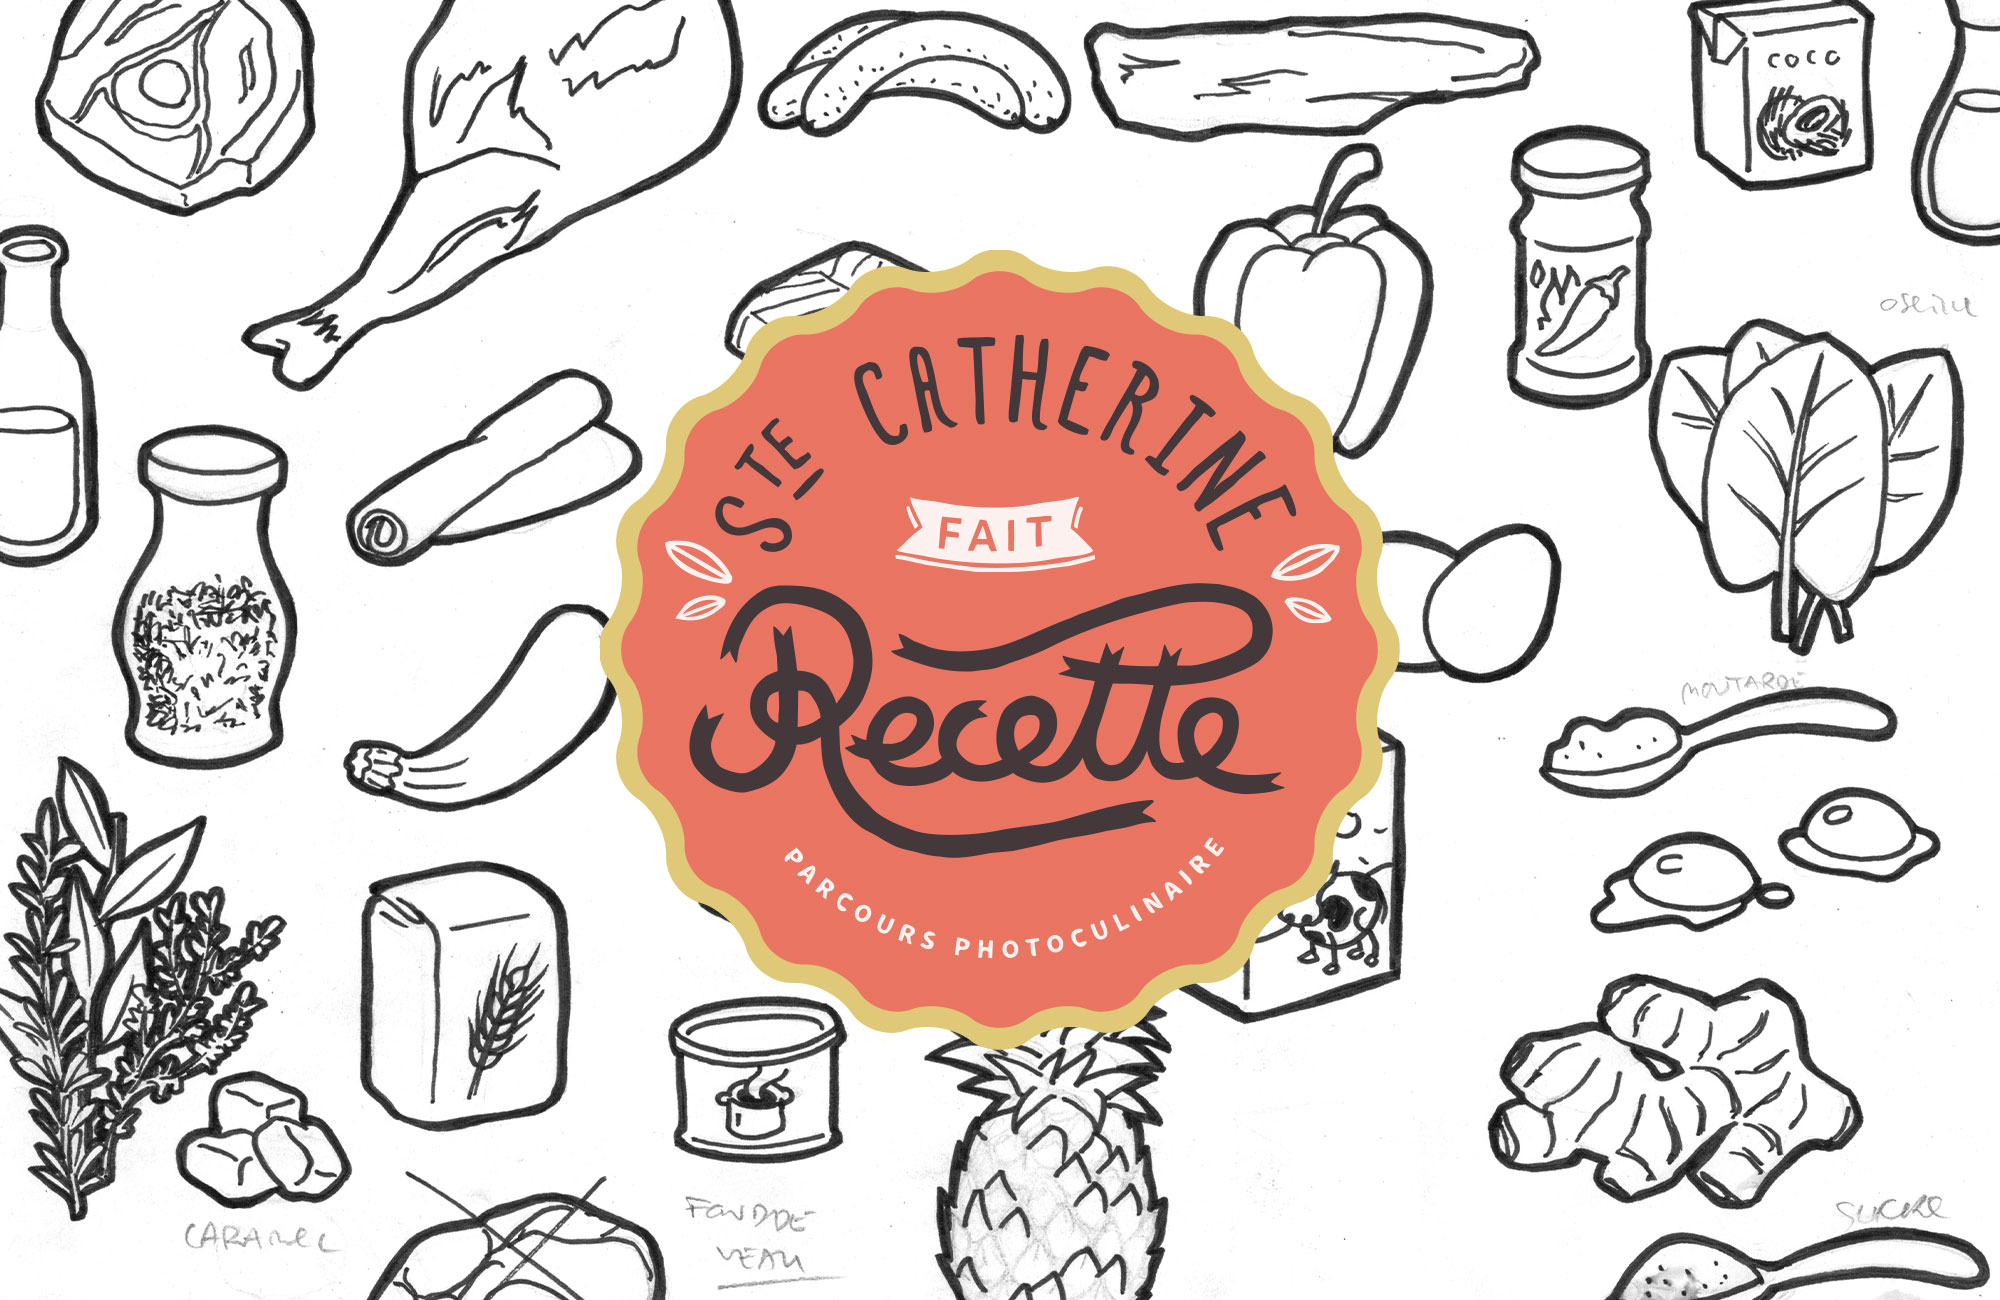 Logo de Sainte Catherine fait recette avec un fond de dessins d'ingrédients